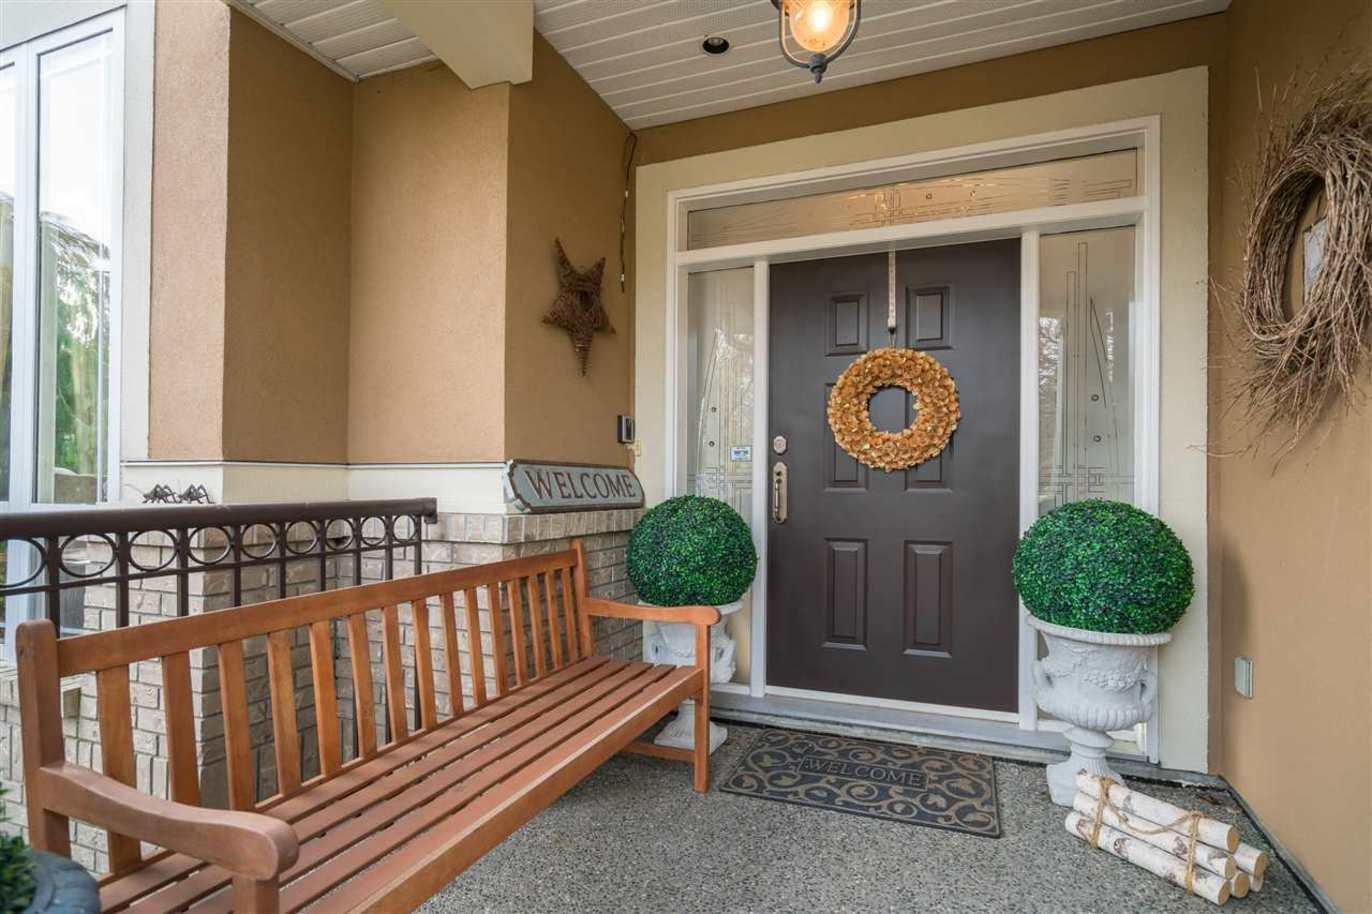 5355-186a-street-cloverdale-bc-cloverdale-03 at 5355 186a Street, Cloverdale BC, Cloverdale